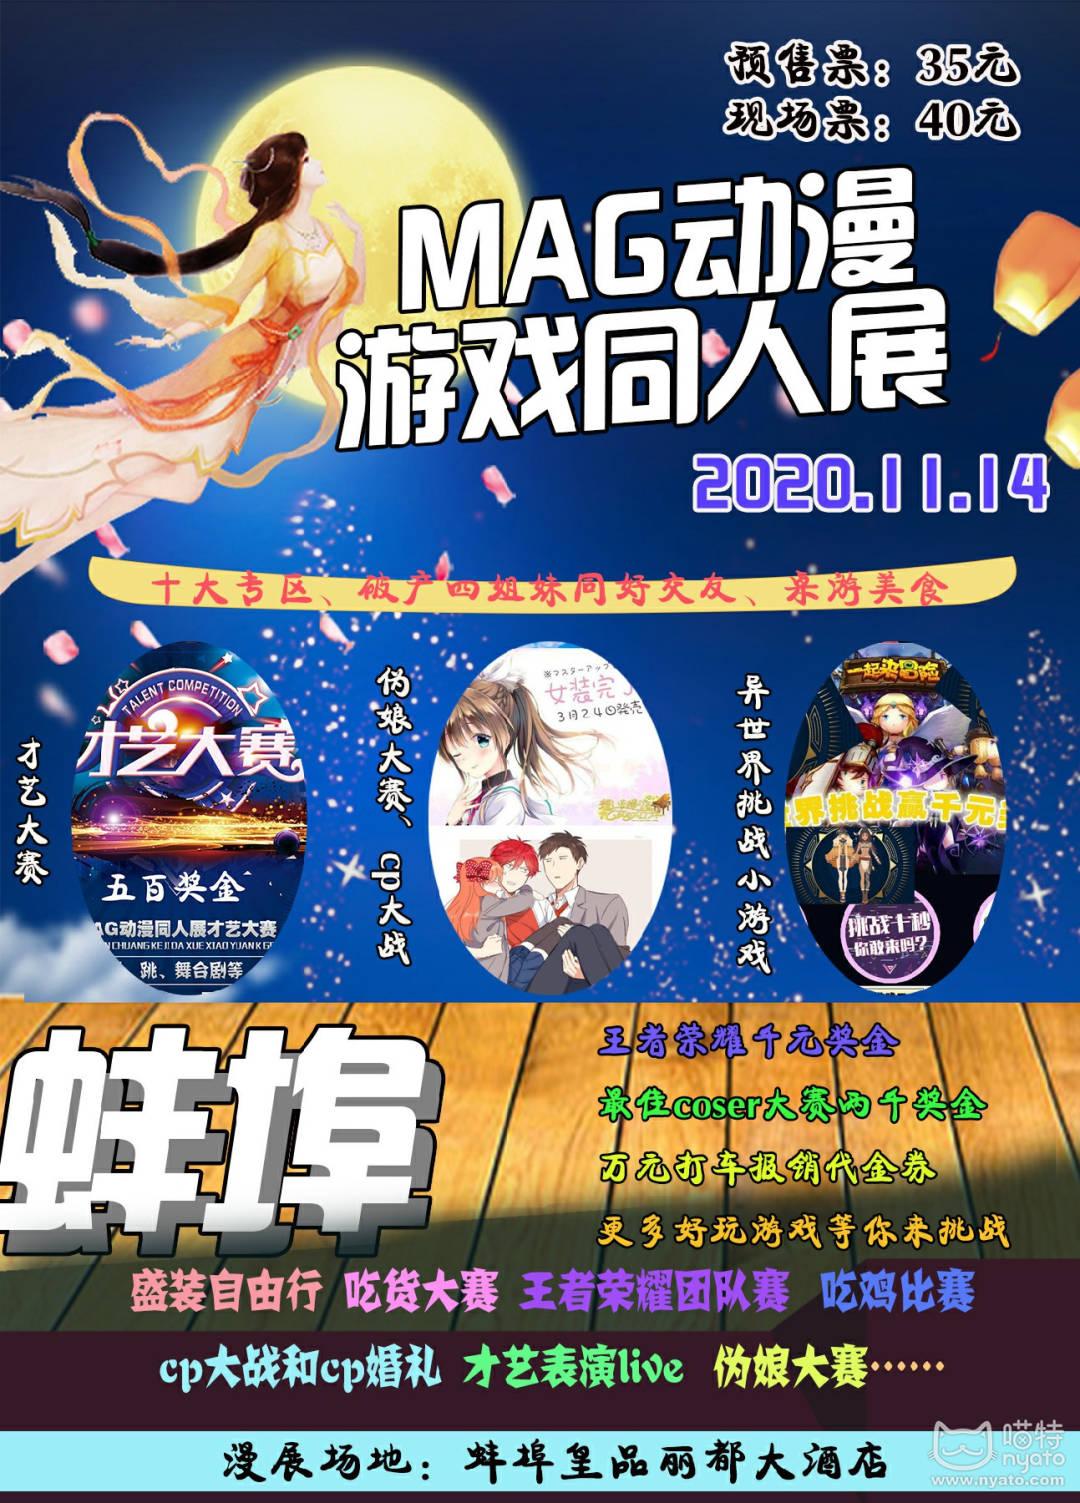 蚌埠预宣海报11.jpg